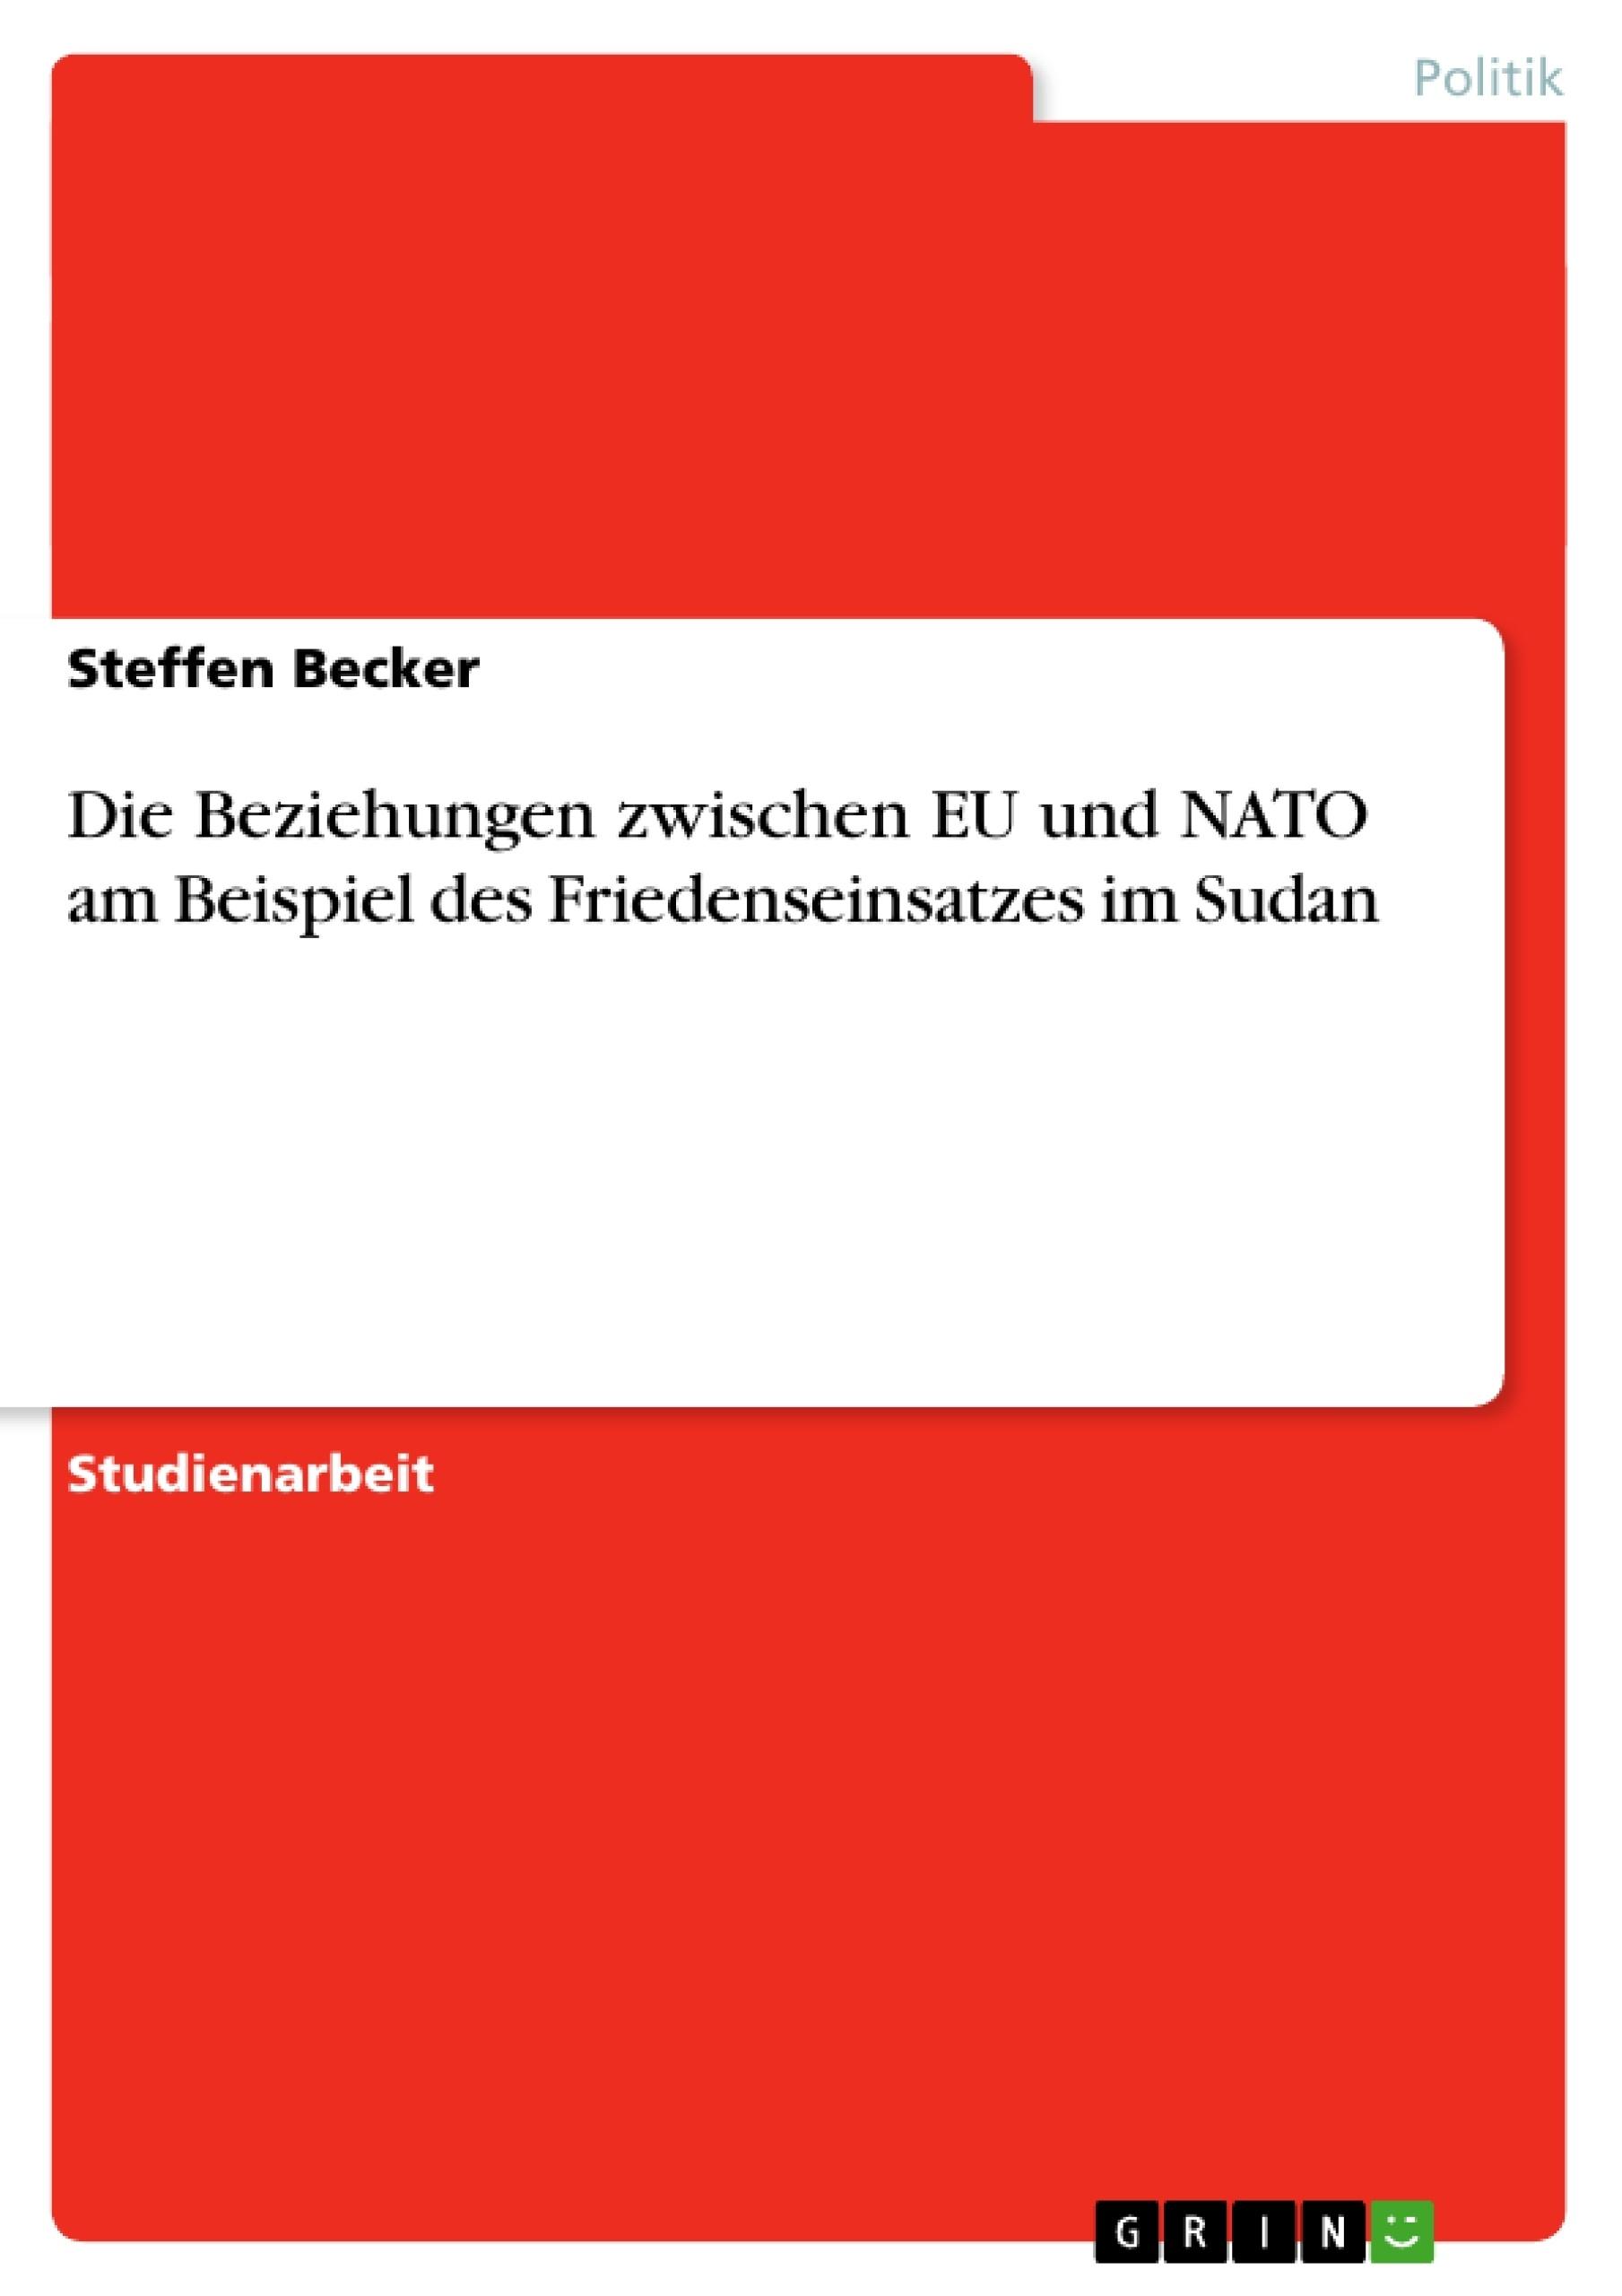 Titel: Die Beziehungen zwischen EU und NATO am Beispiel des Friedenseinsatzes im Sudan